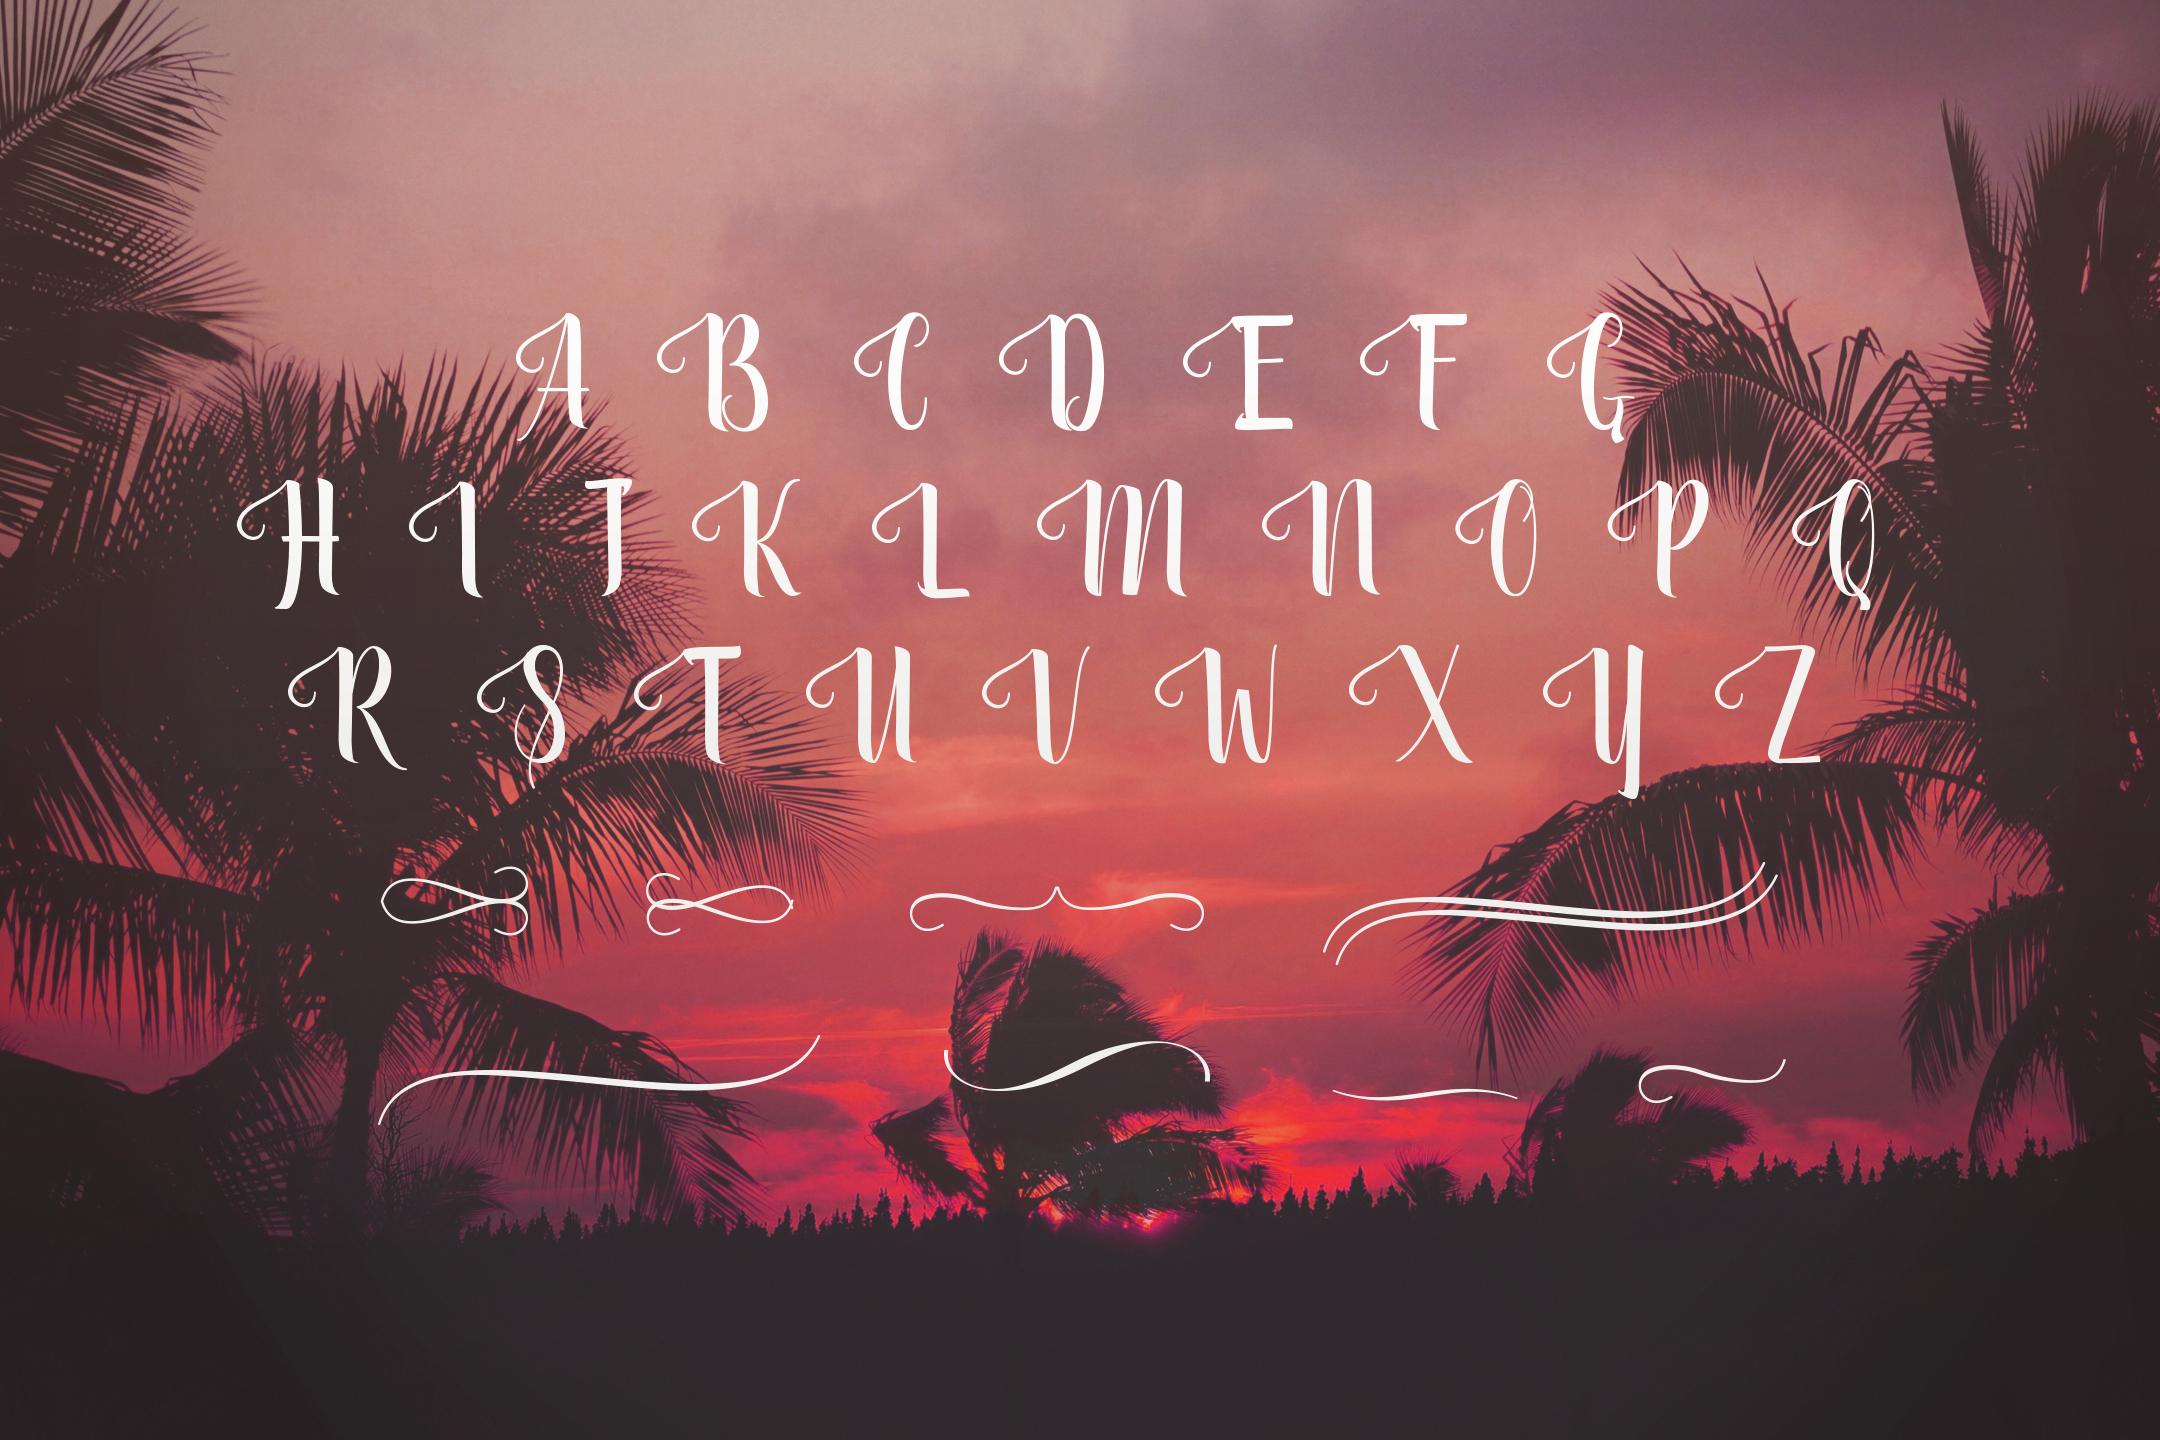 September Script example 7